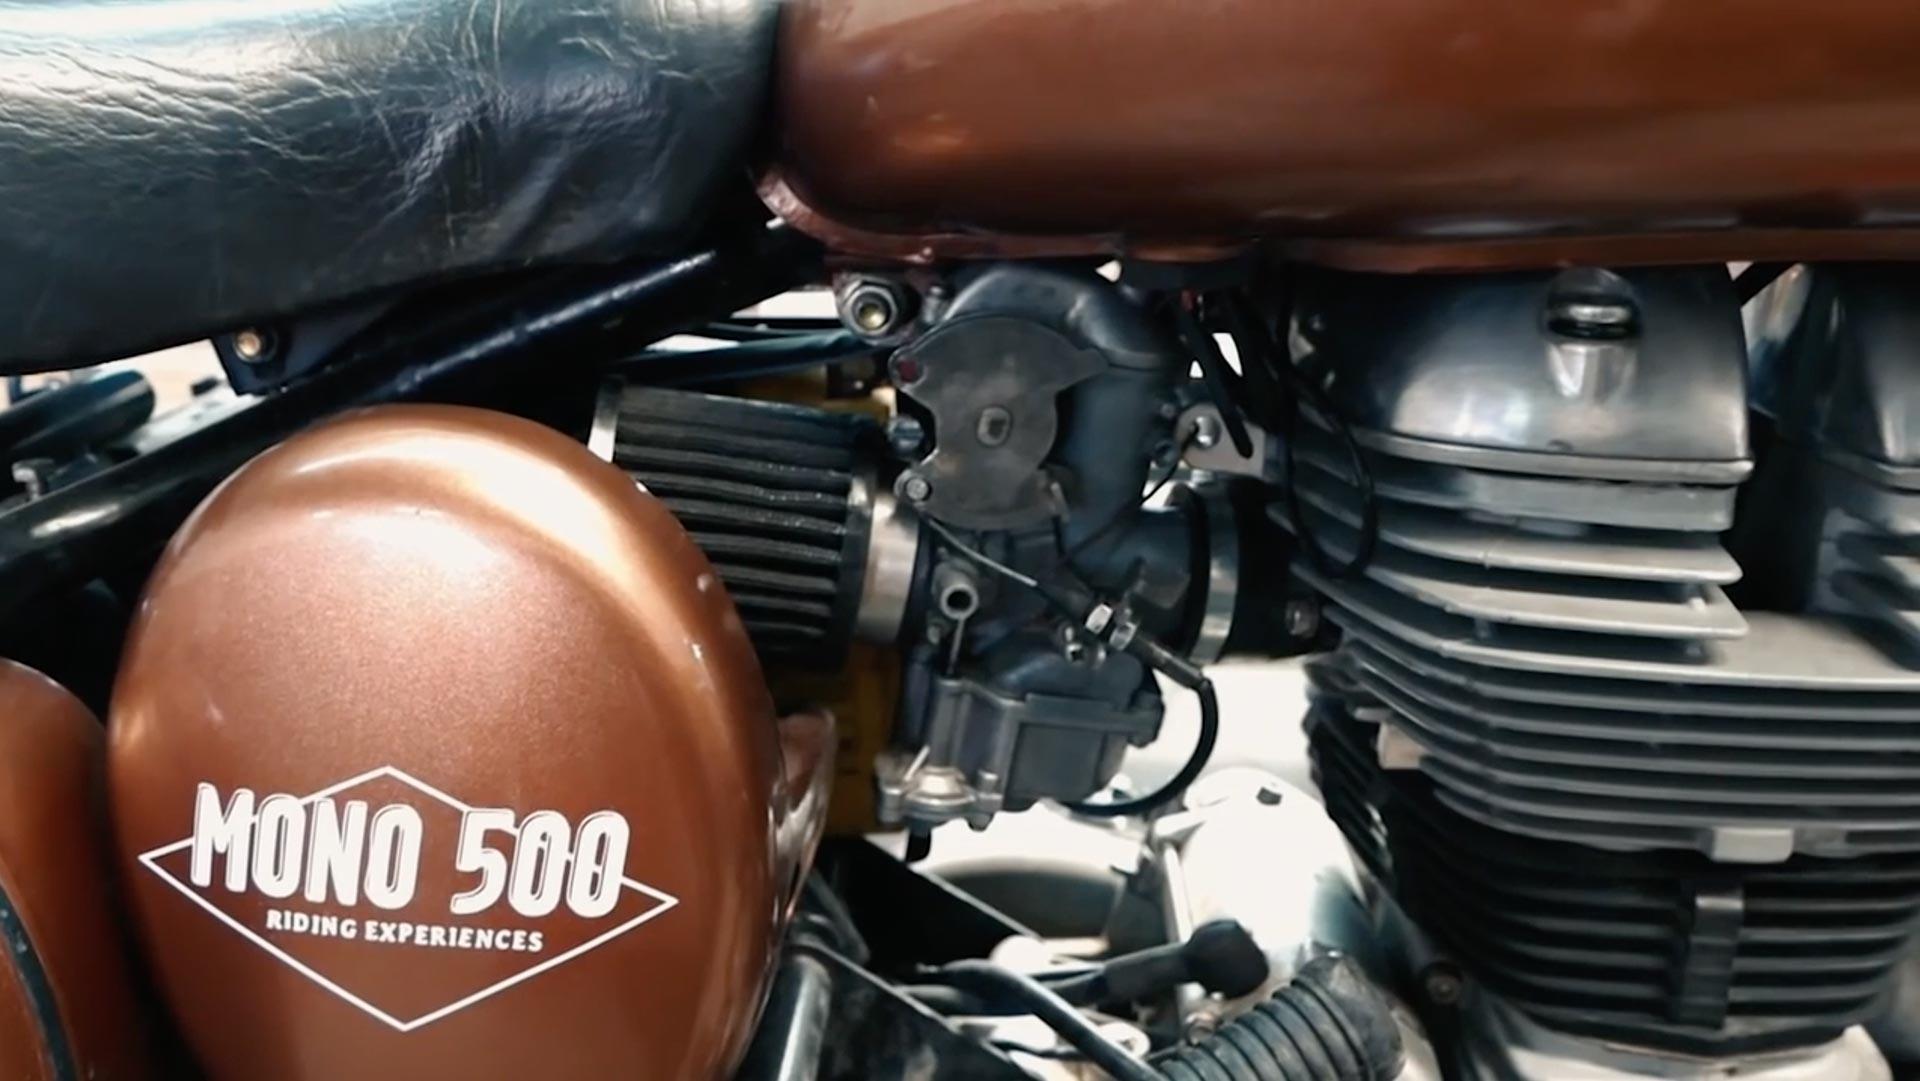 Fiabiliser une royal enfield classic 500 - repasser en carbu et filtre à air cornet